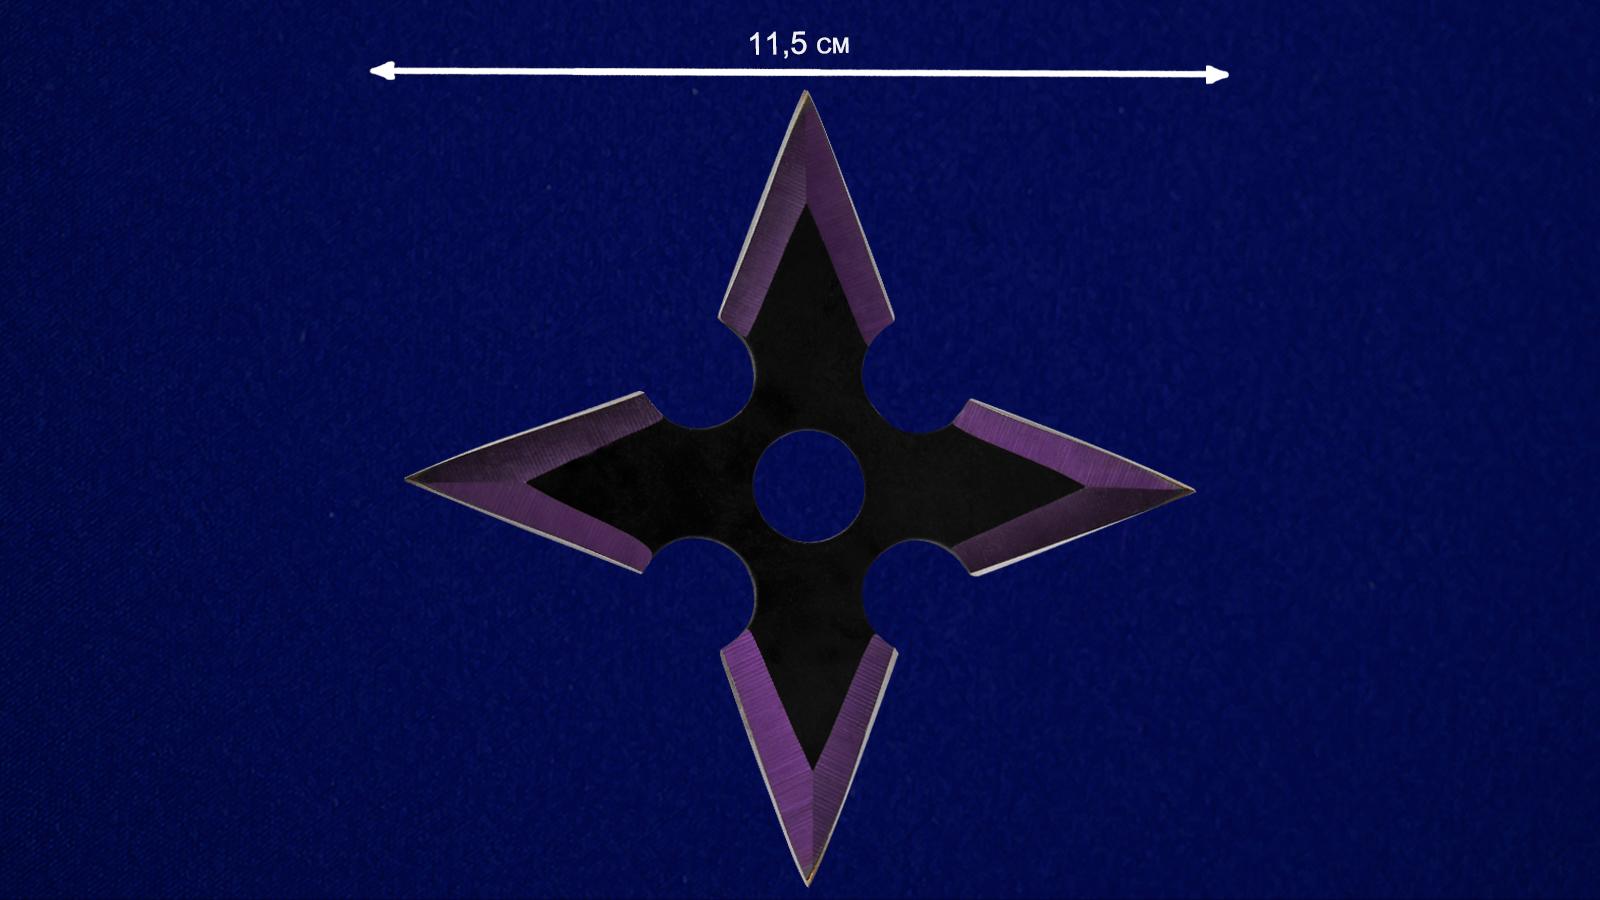 Метательные звезды Ниндзя высокого качества